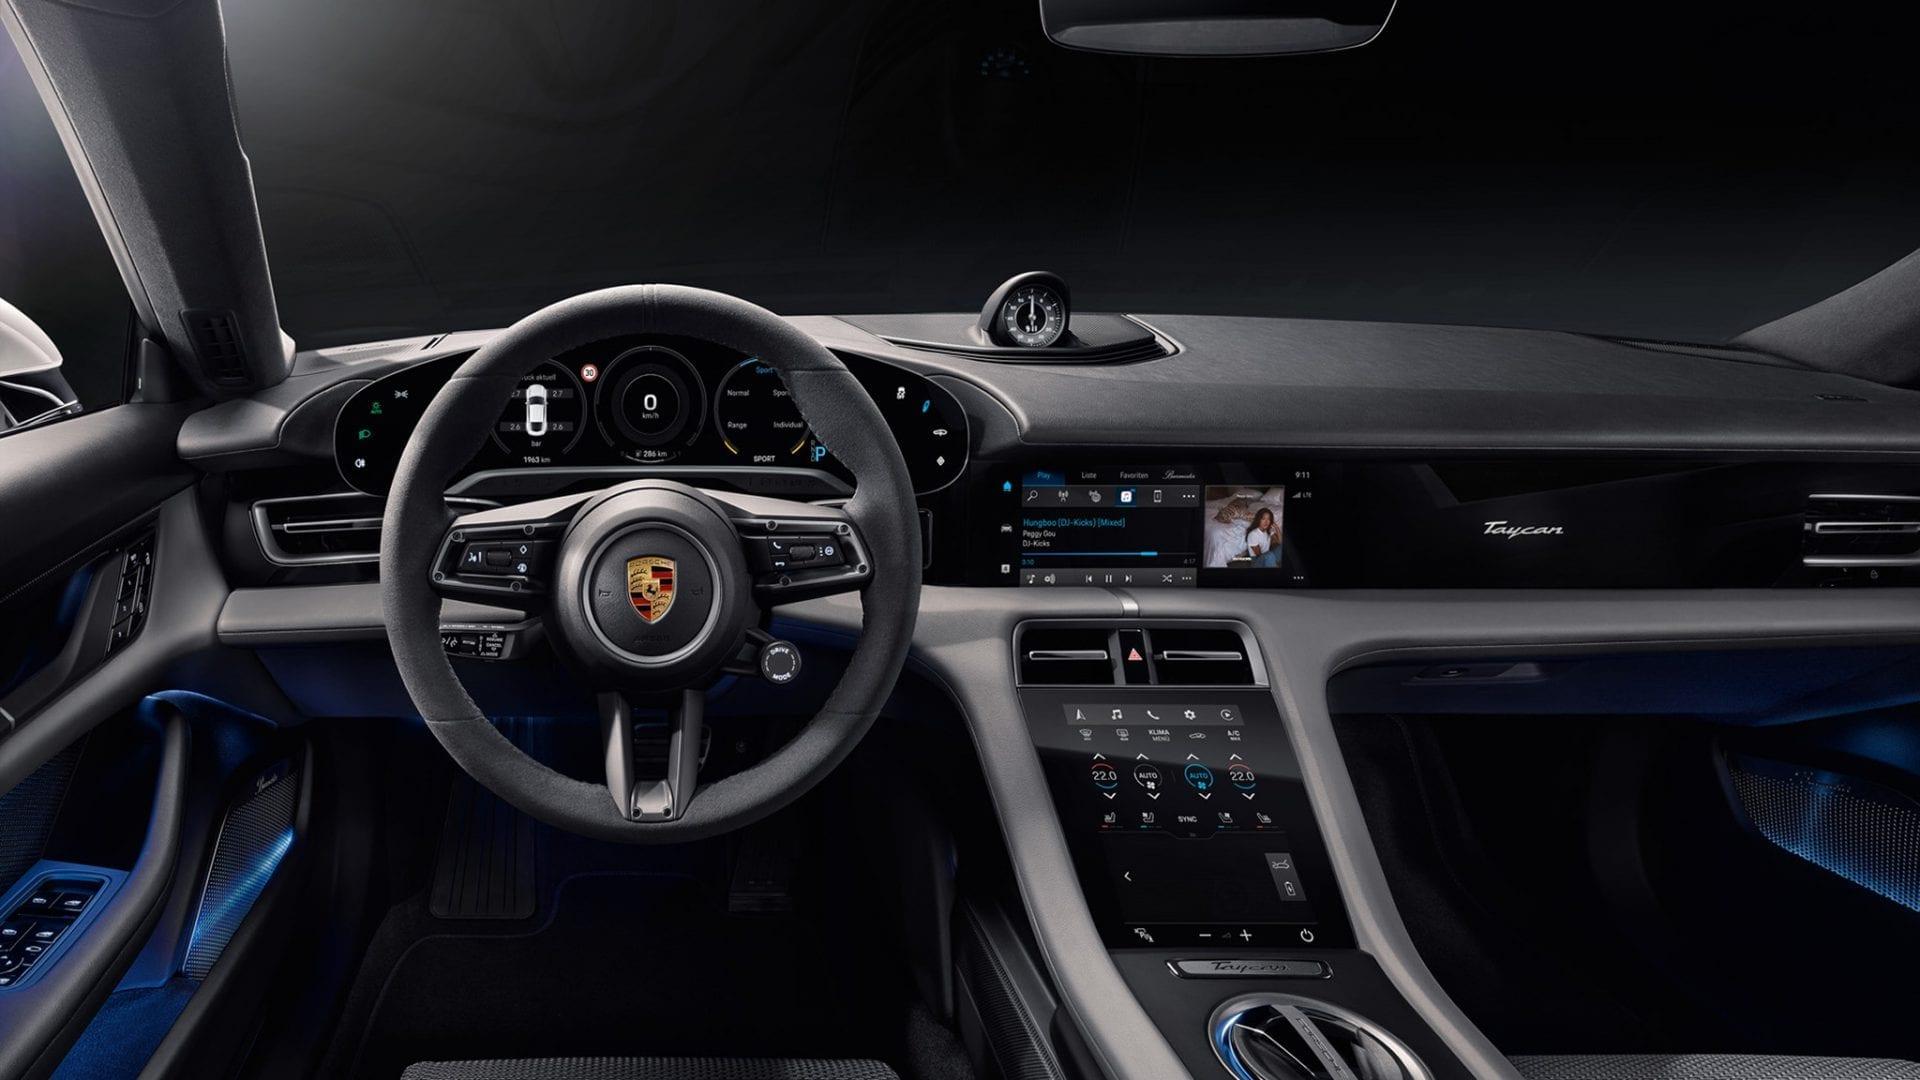 Porsche Taycanin ohjaamo kuskin näkökulmasta.